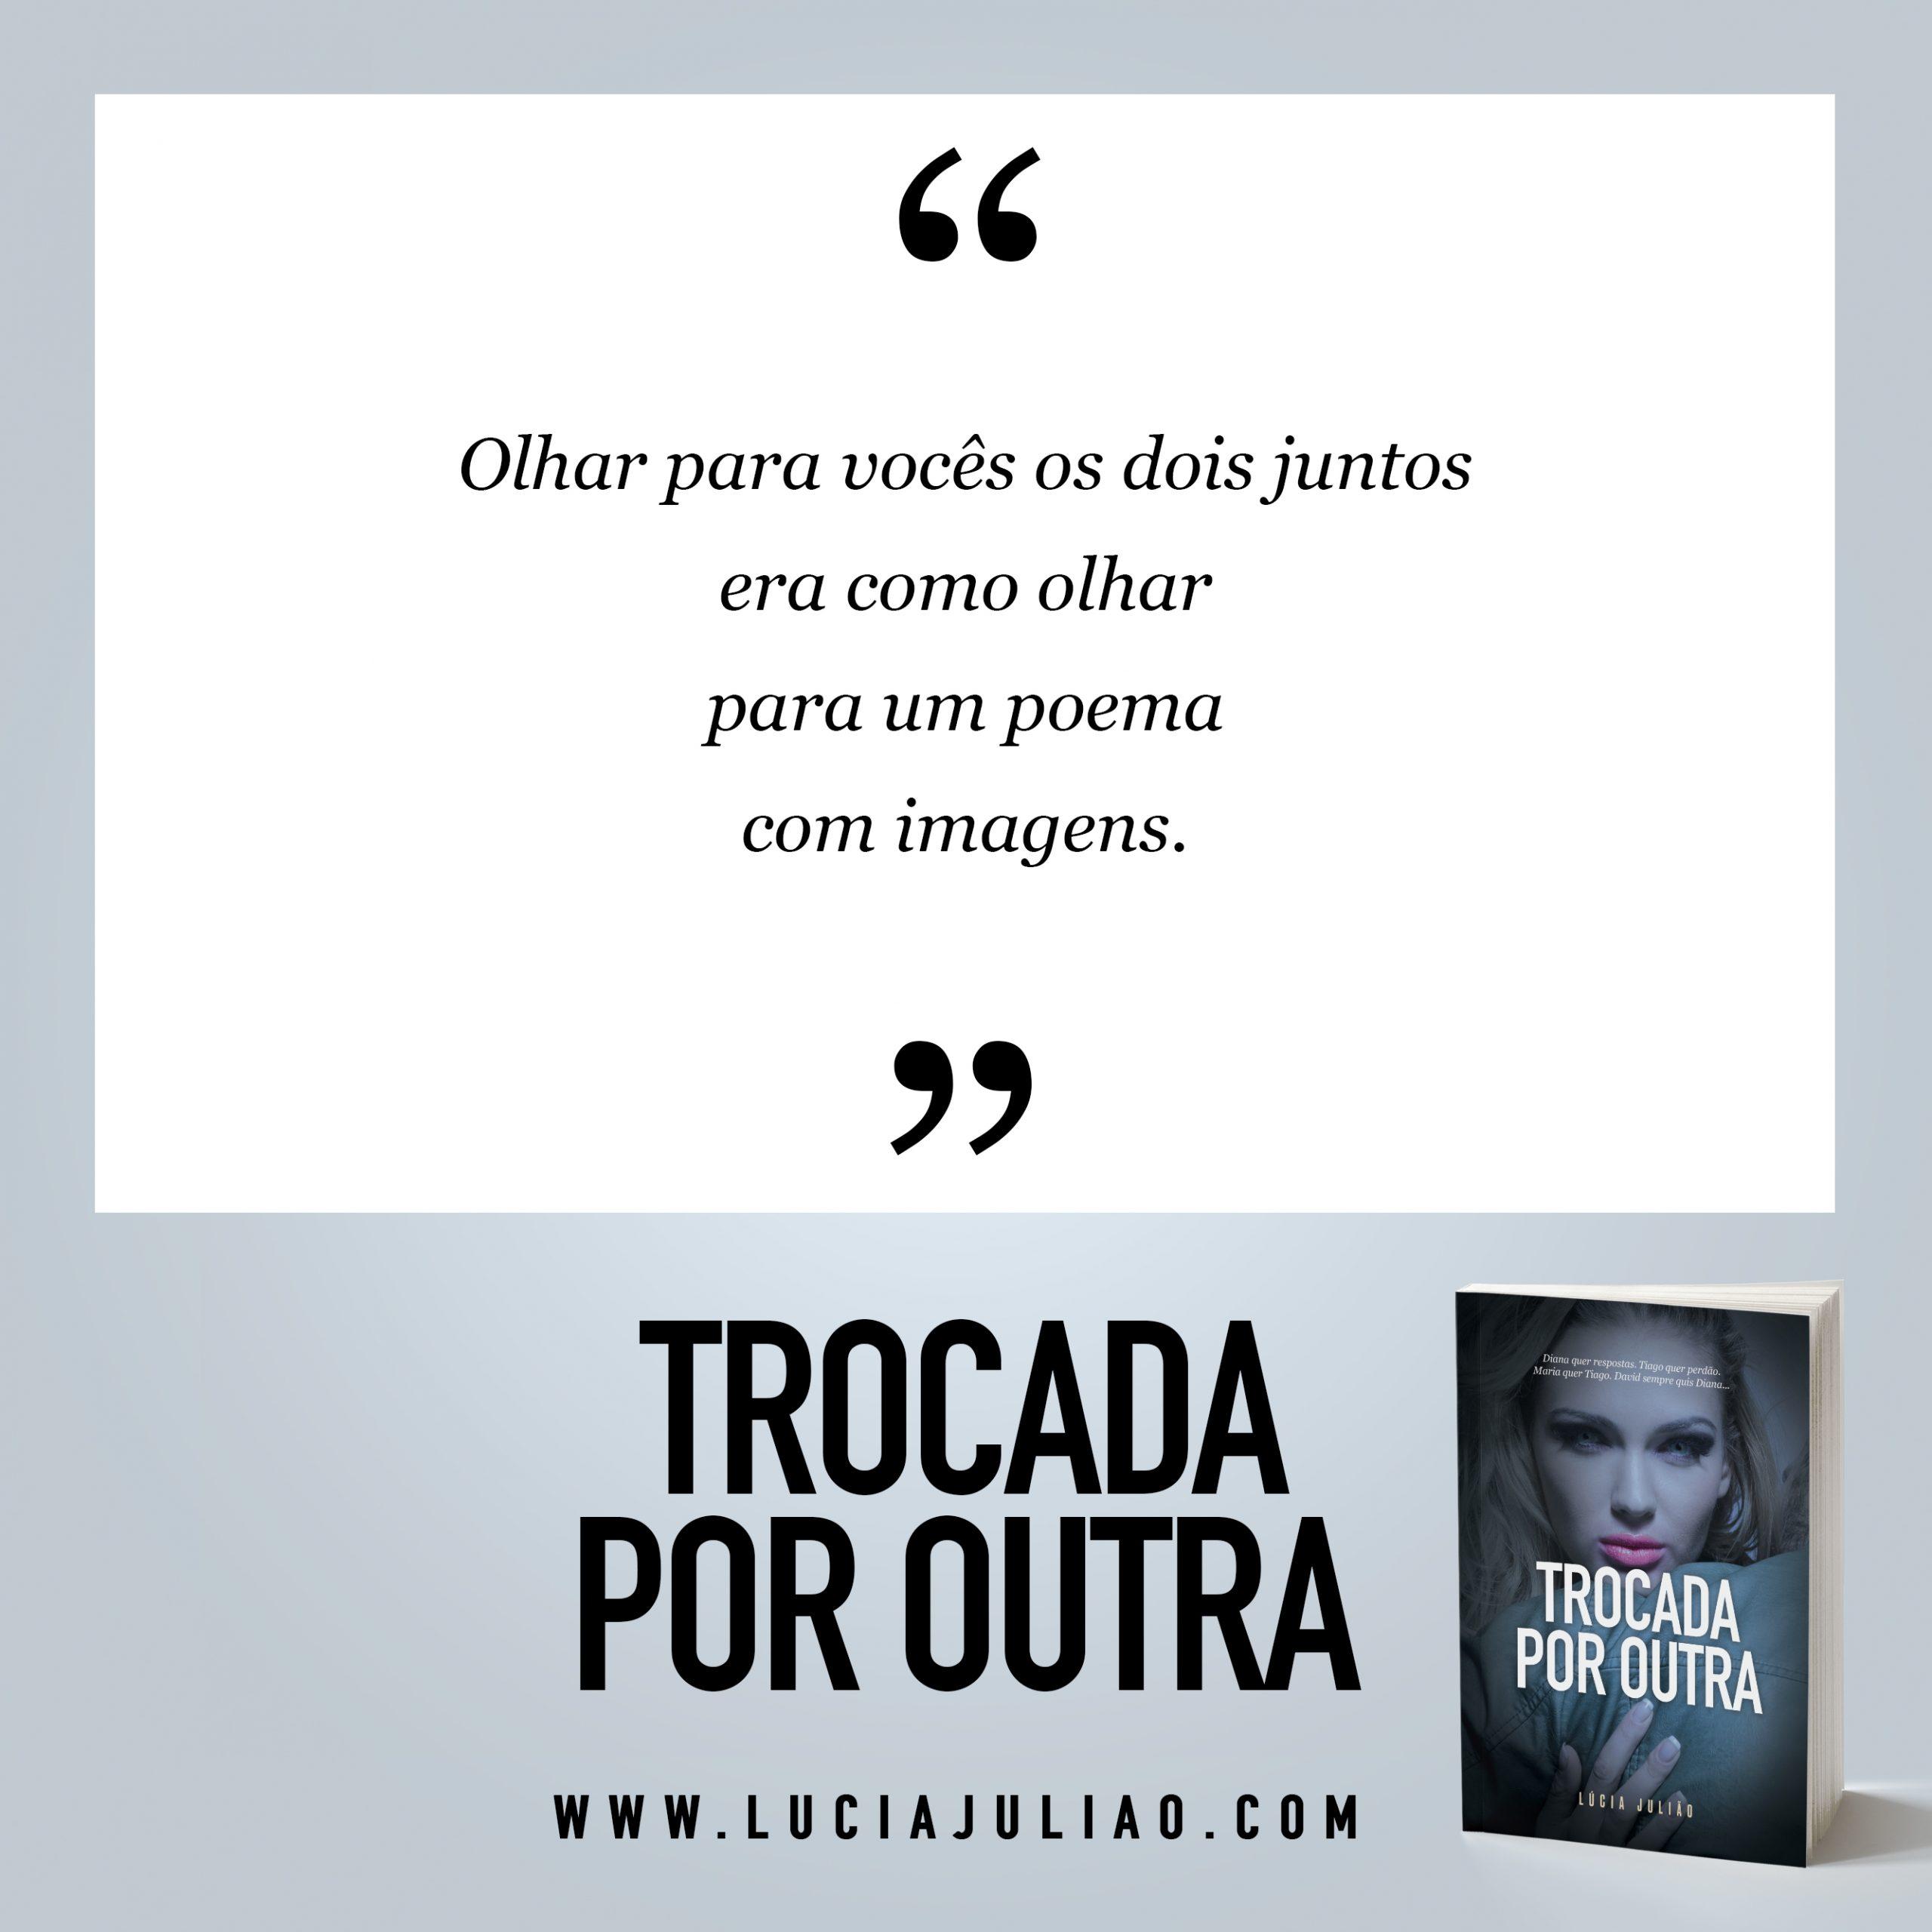 046Q - capitulo 15 Trocada por outra - Lúcia Julião